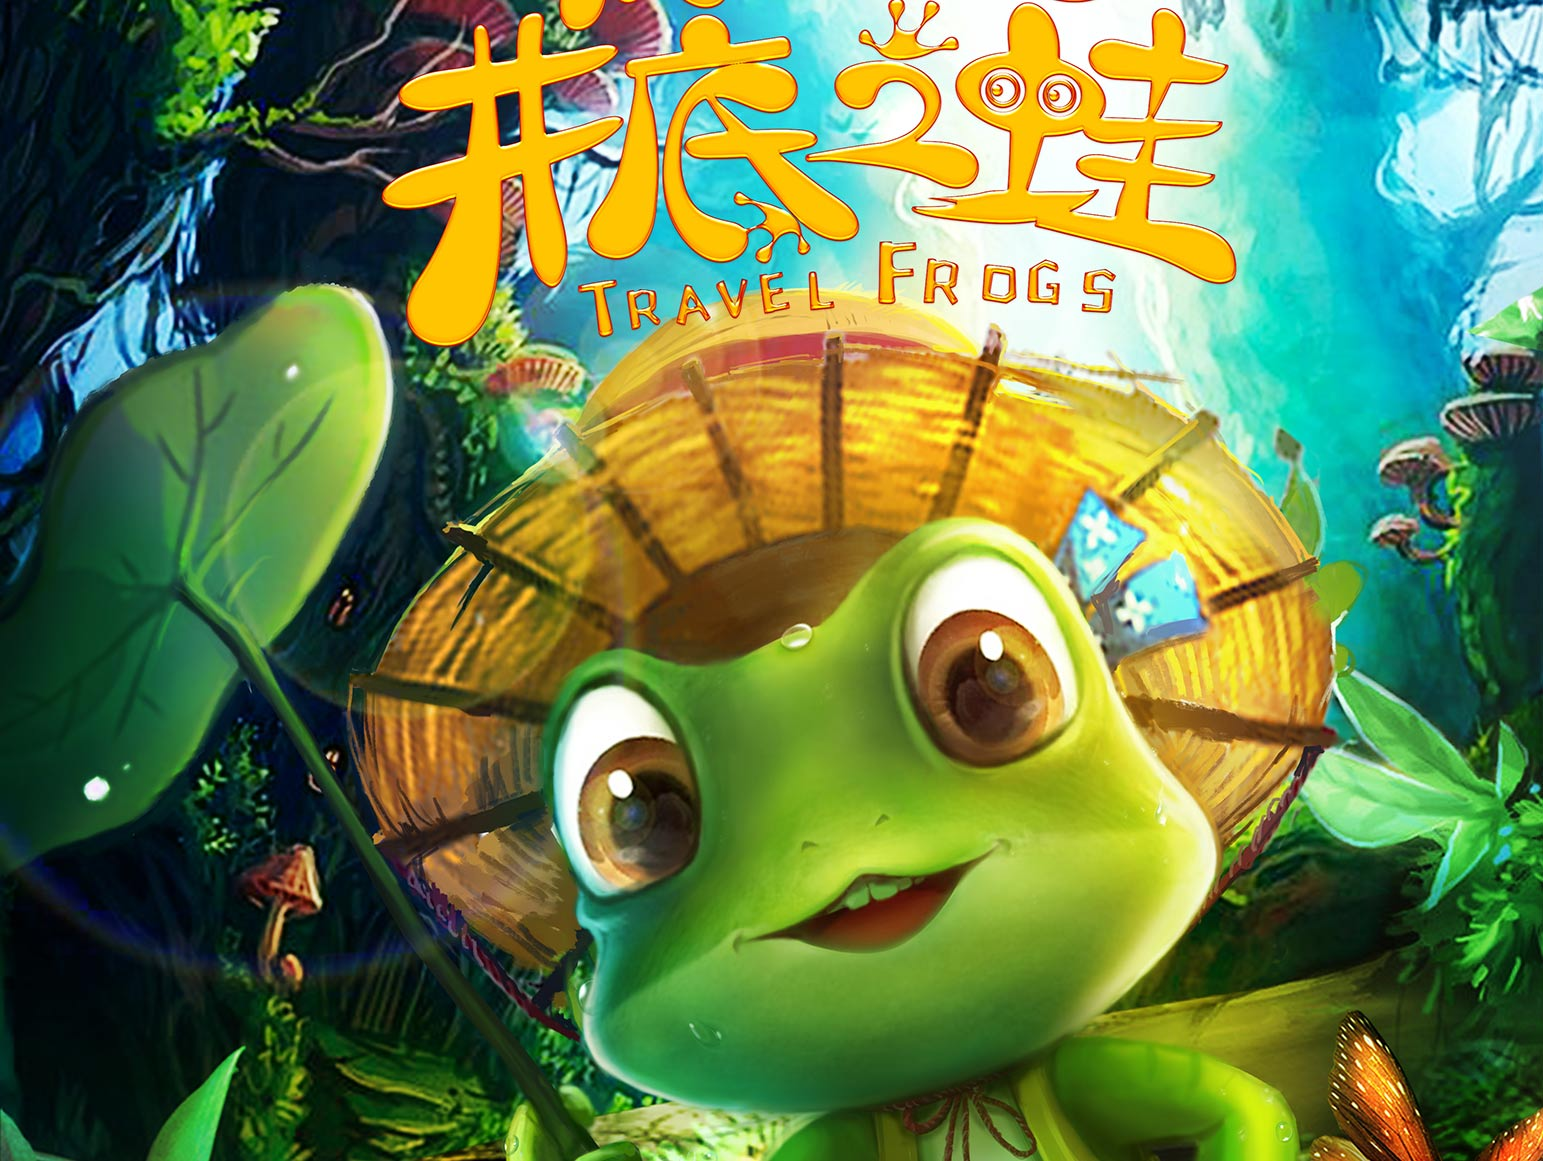 《旅行吧!井底之蛙》定档8月18日